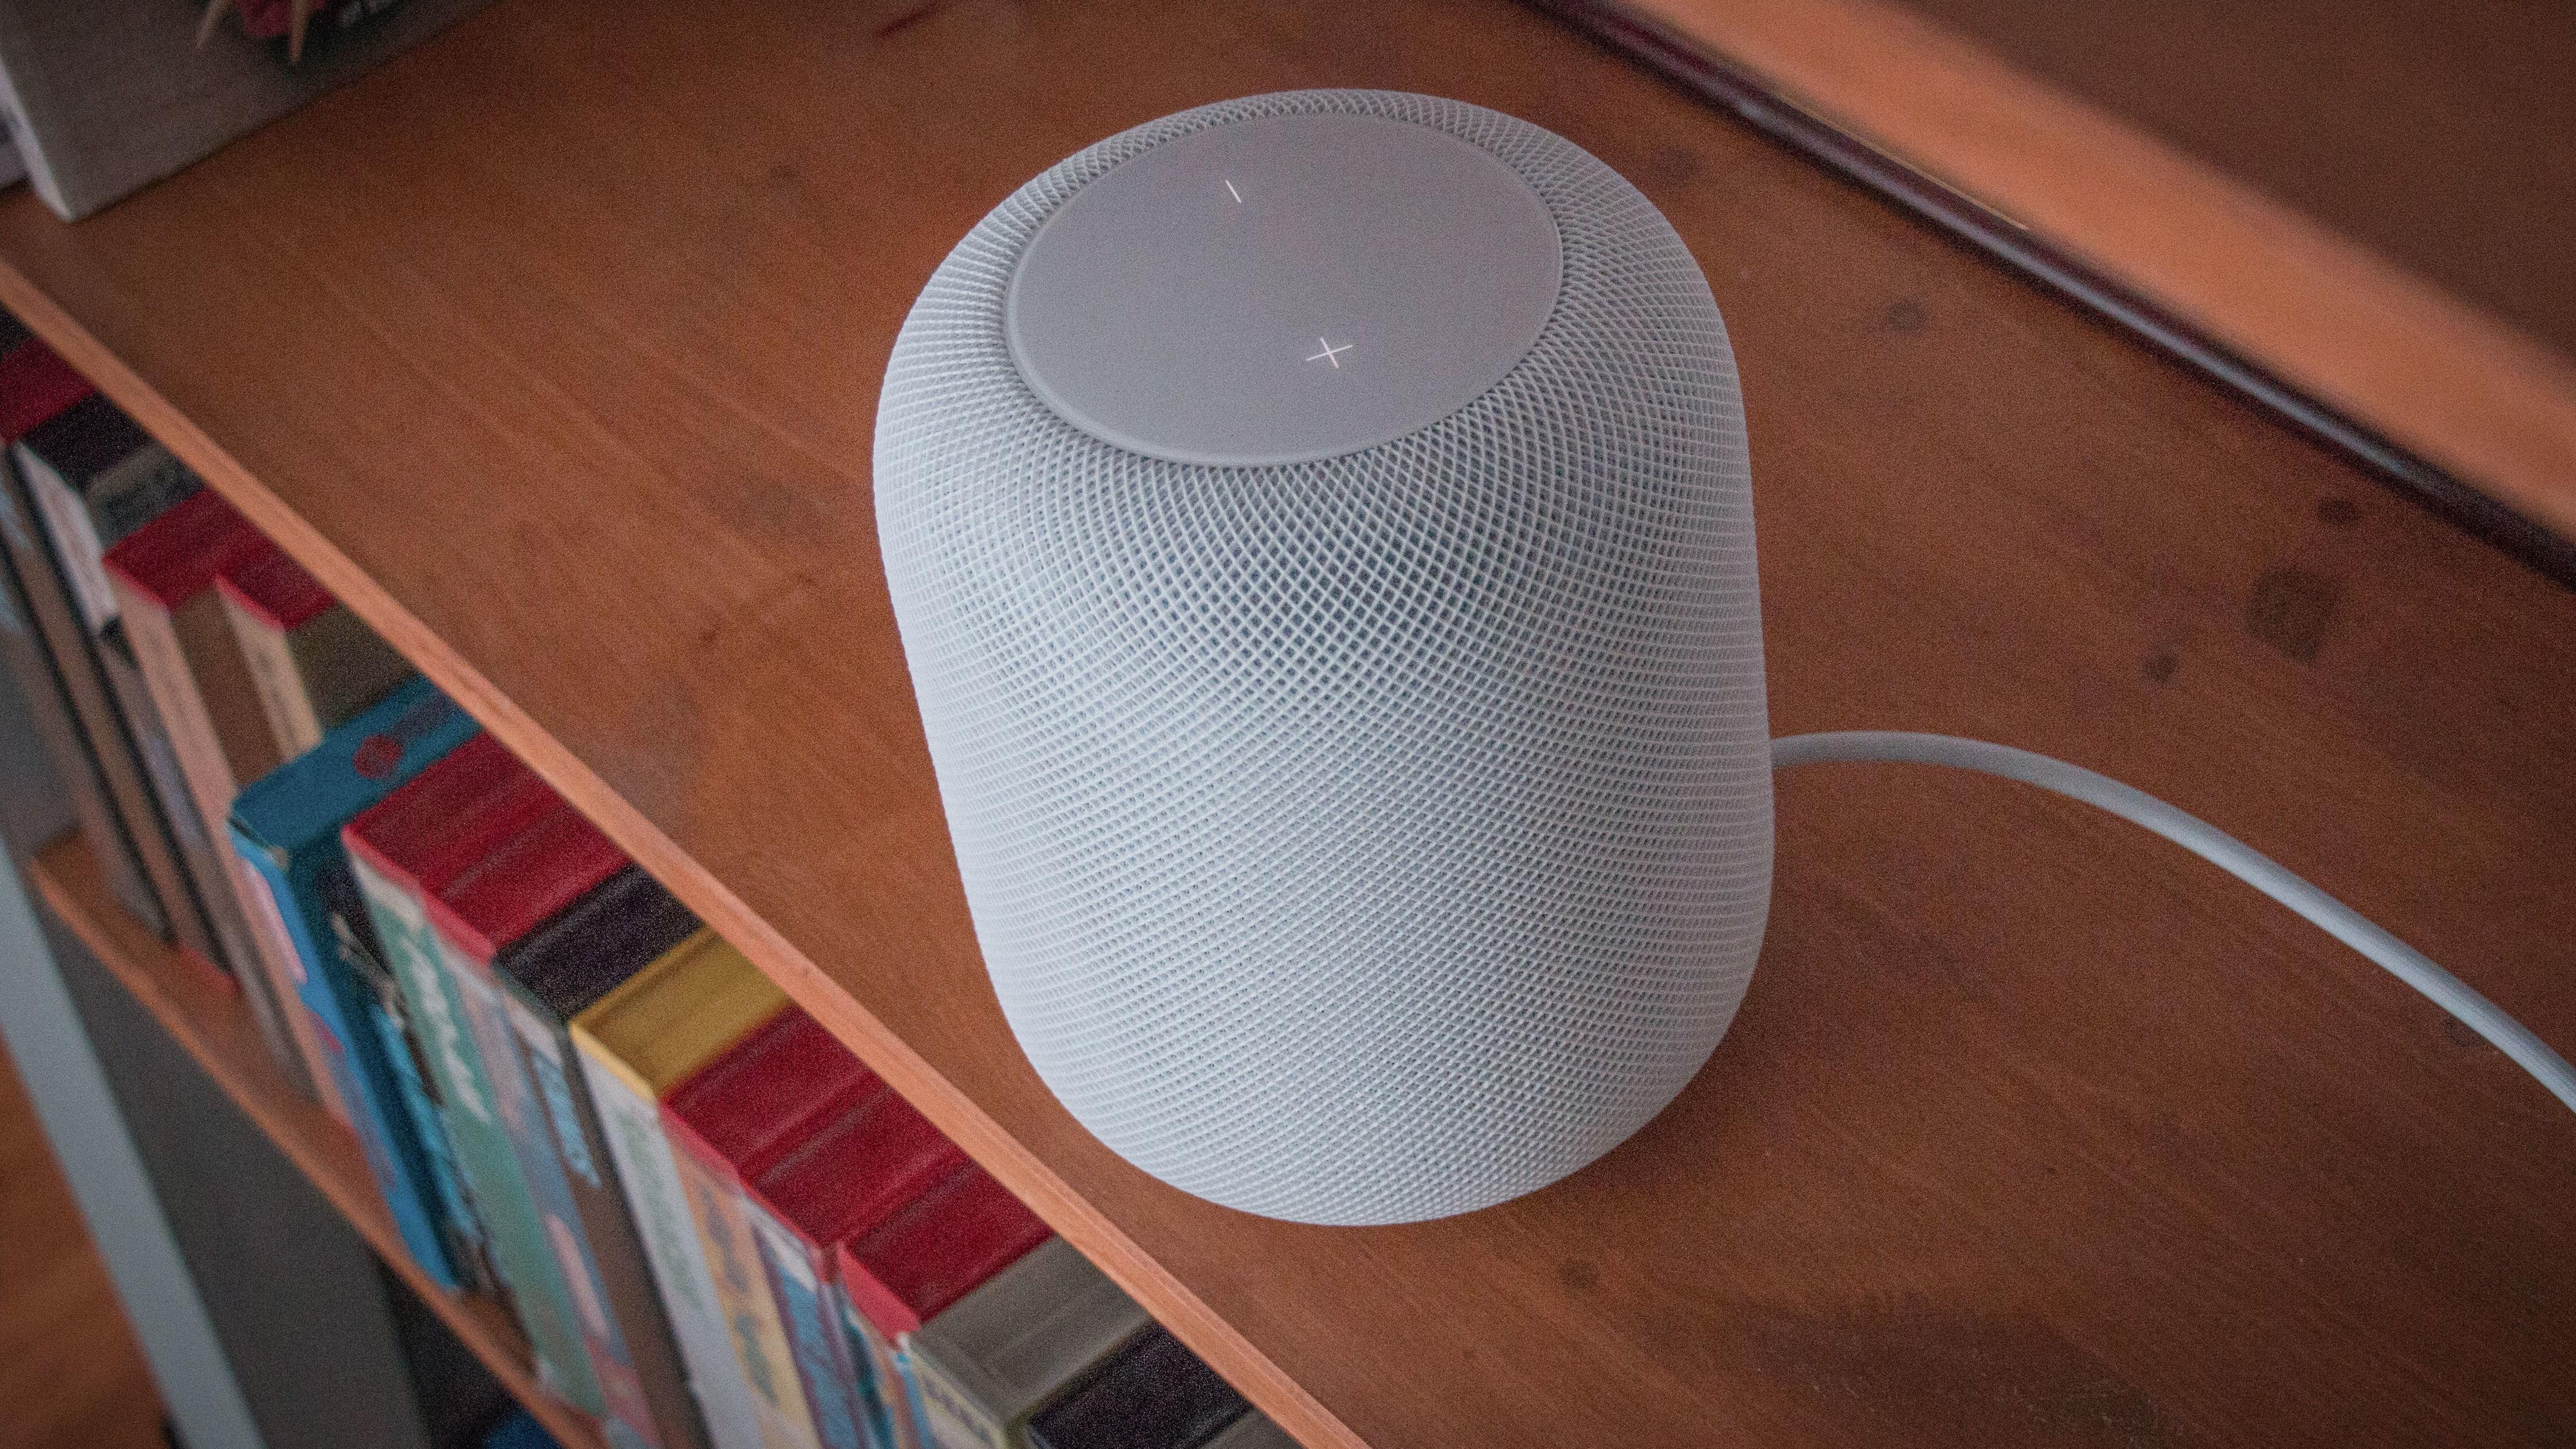 Det er ikke alt som er bra med Apples HomePod selv om den låter bra. HomePod-Siri støtter ikke norsk selv om iPhone-Siri gjør det, og uansett er funksjonaliteten ganske begrenset.